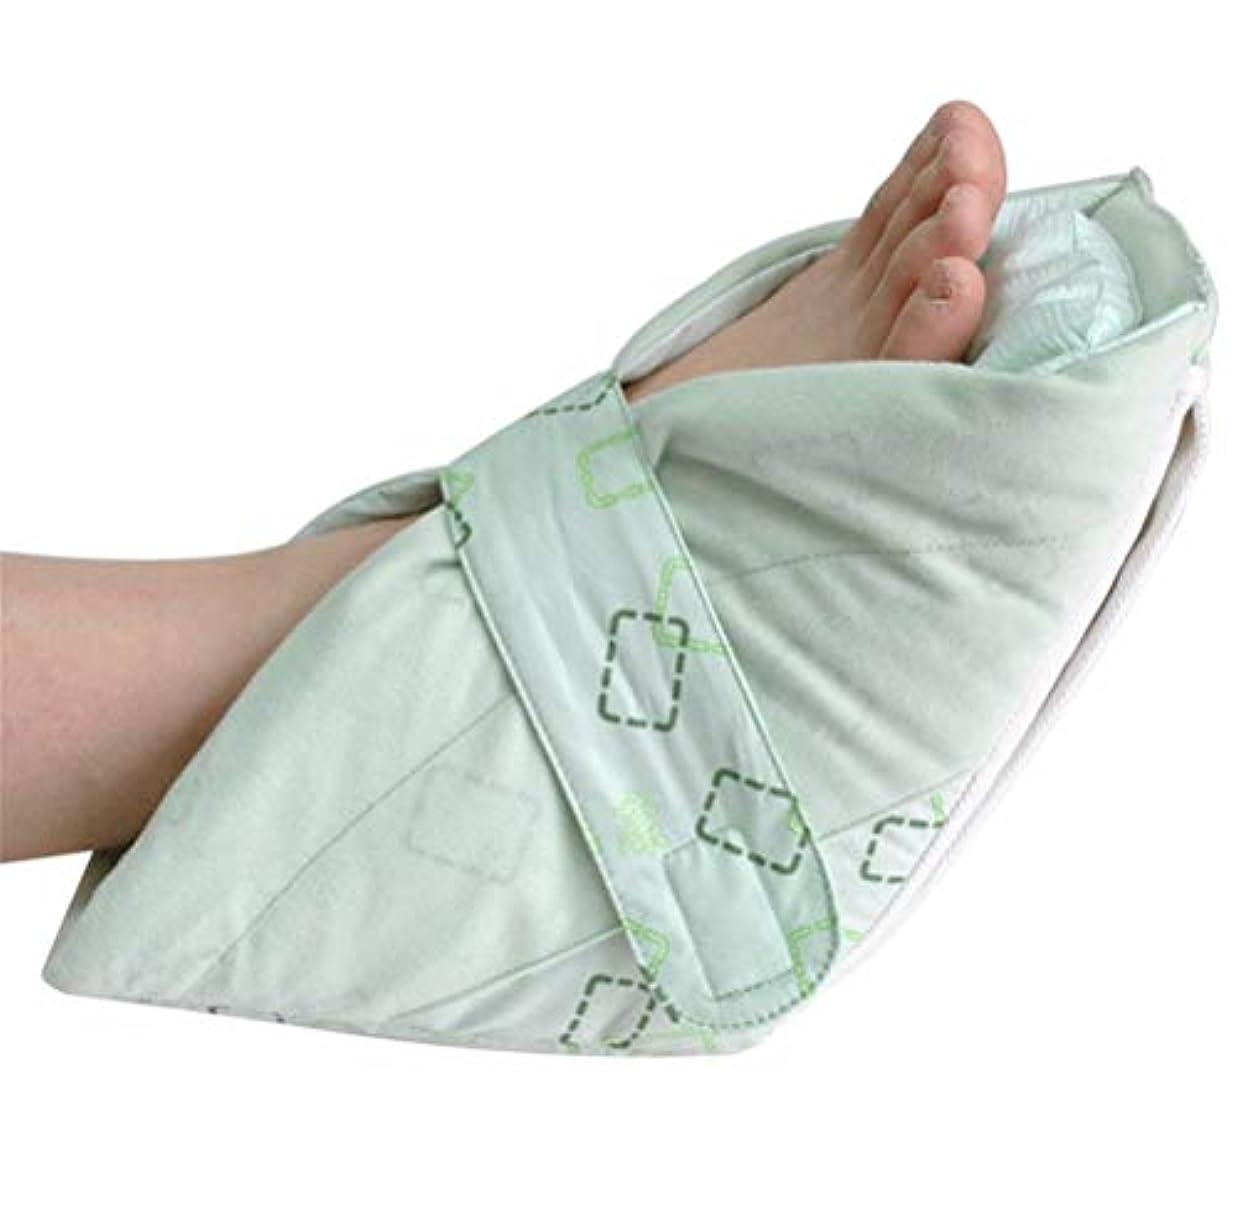 利点ベギンラッシュヒールプロテクター枕、プレミアム圧力軽減フット補正カバー、極細コットン生地、インナークッションは分離可能、グリーン、1ペア